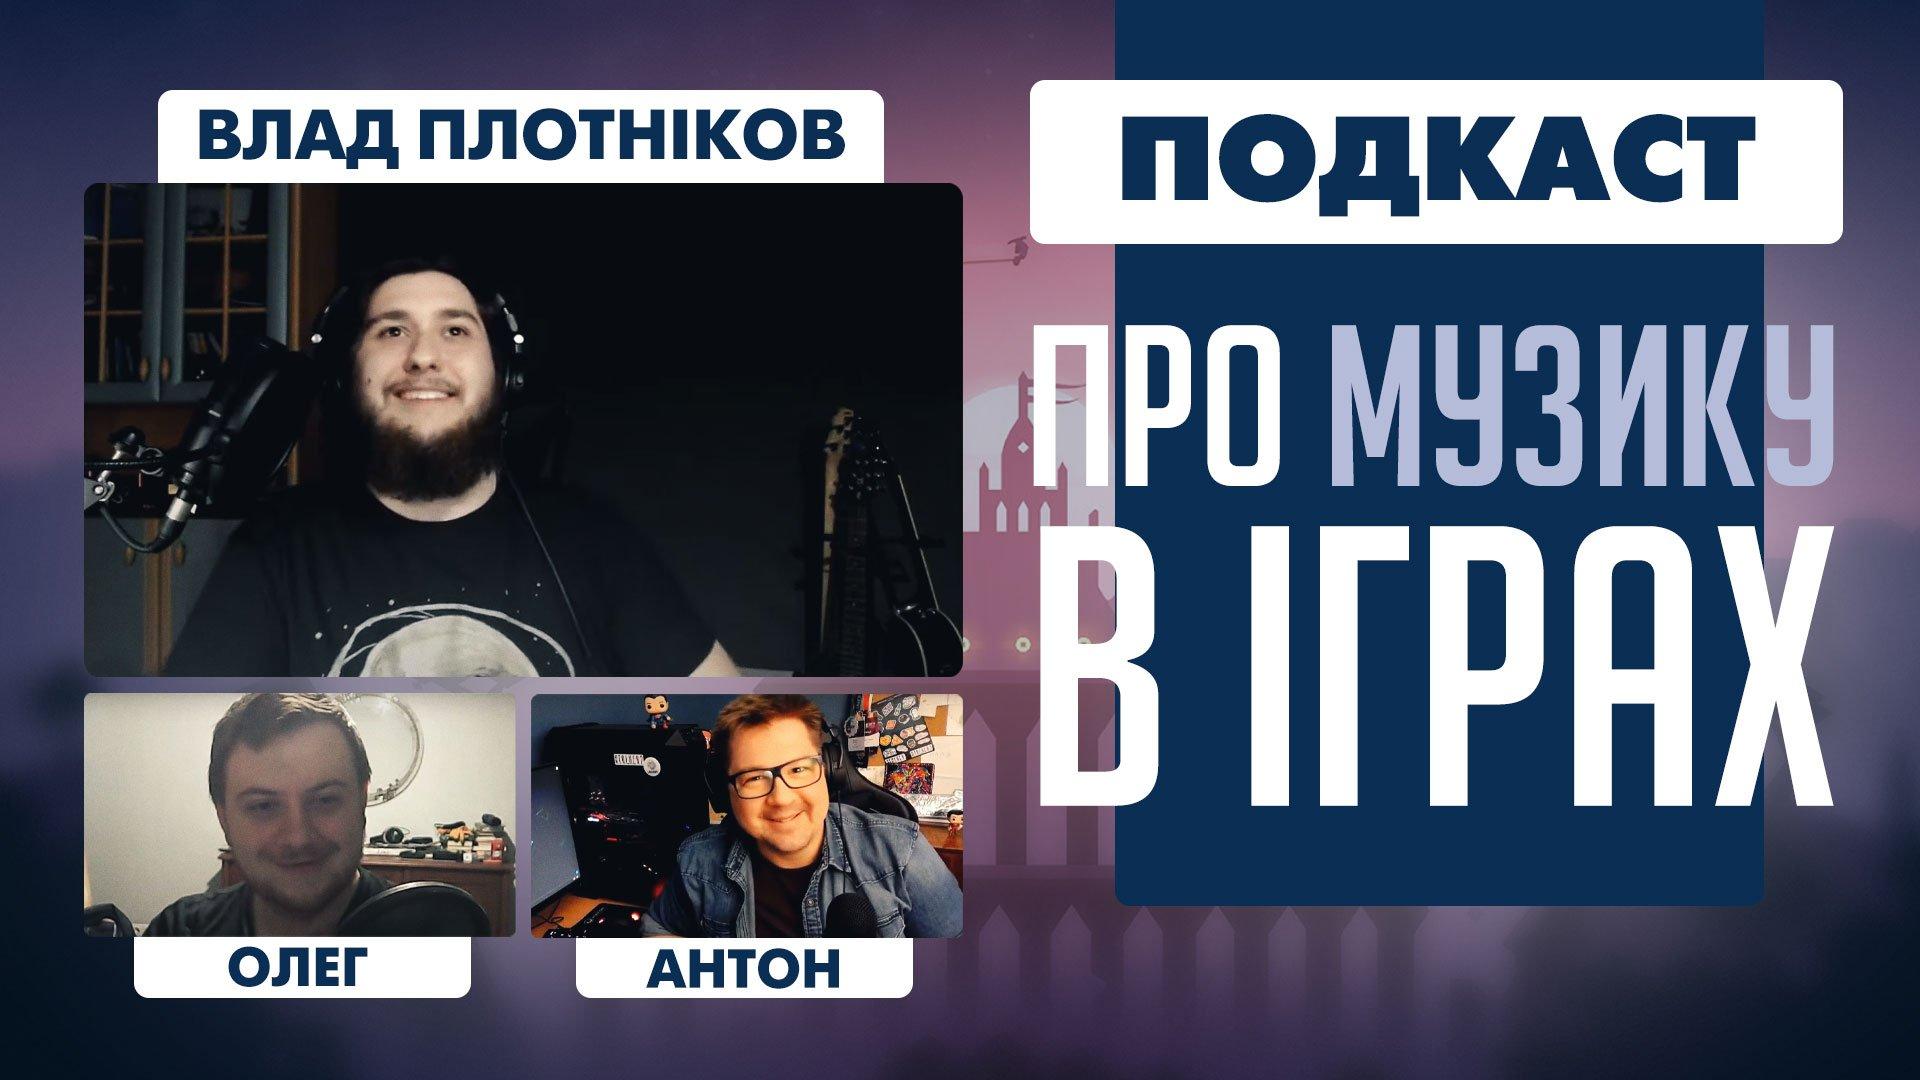 Про музику в іграх (feat. Vlad Plotnikov) [Подкаст]